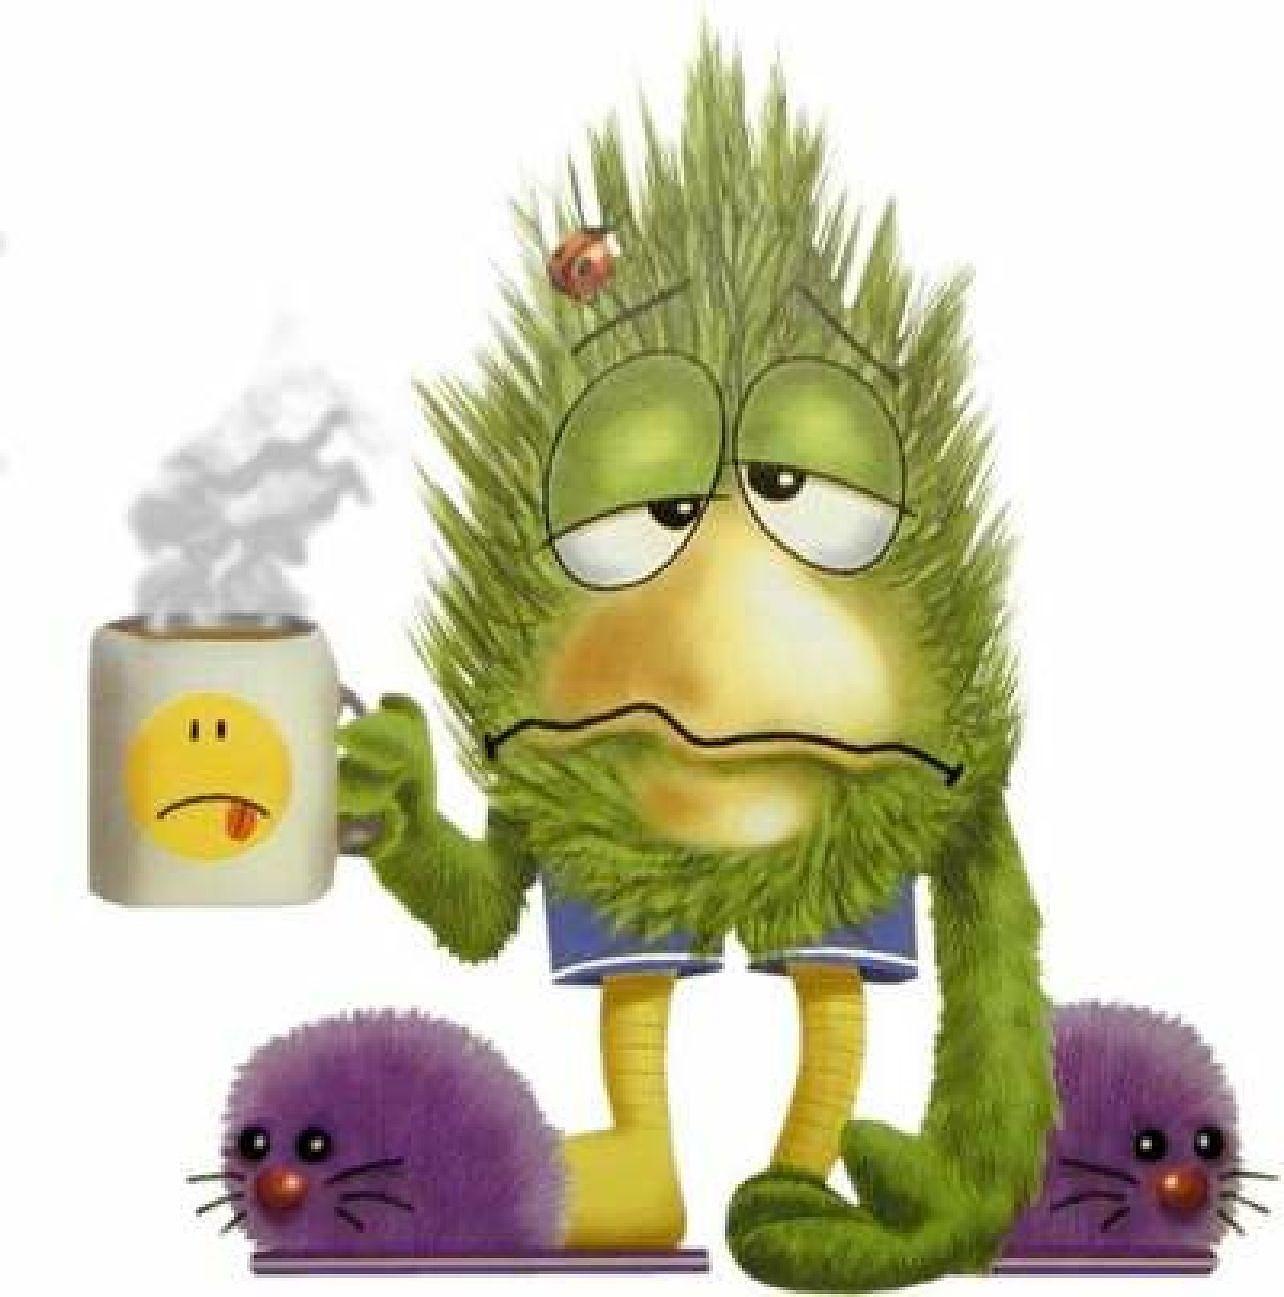 Mycket huvudvärk och trött